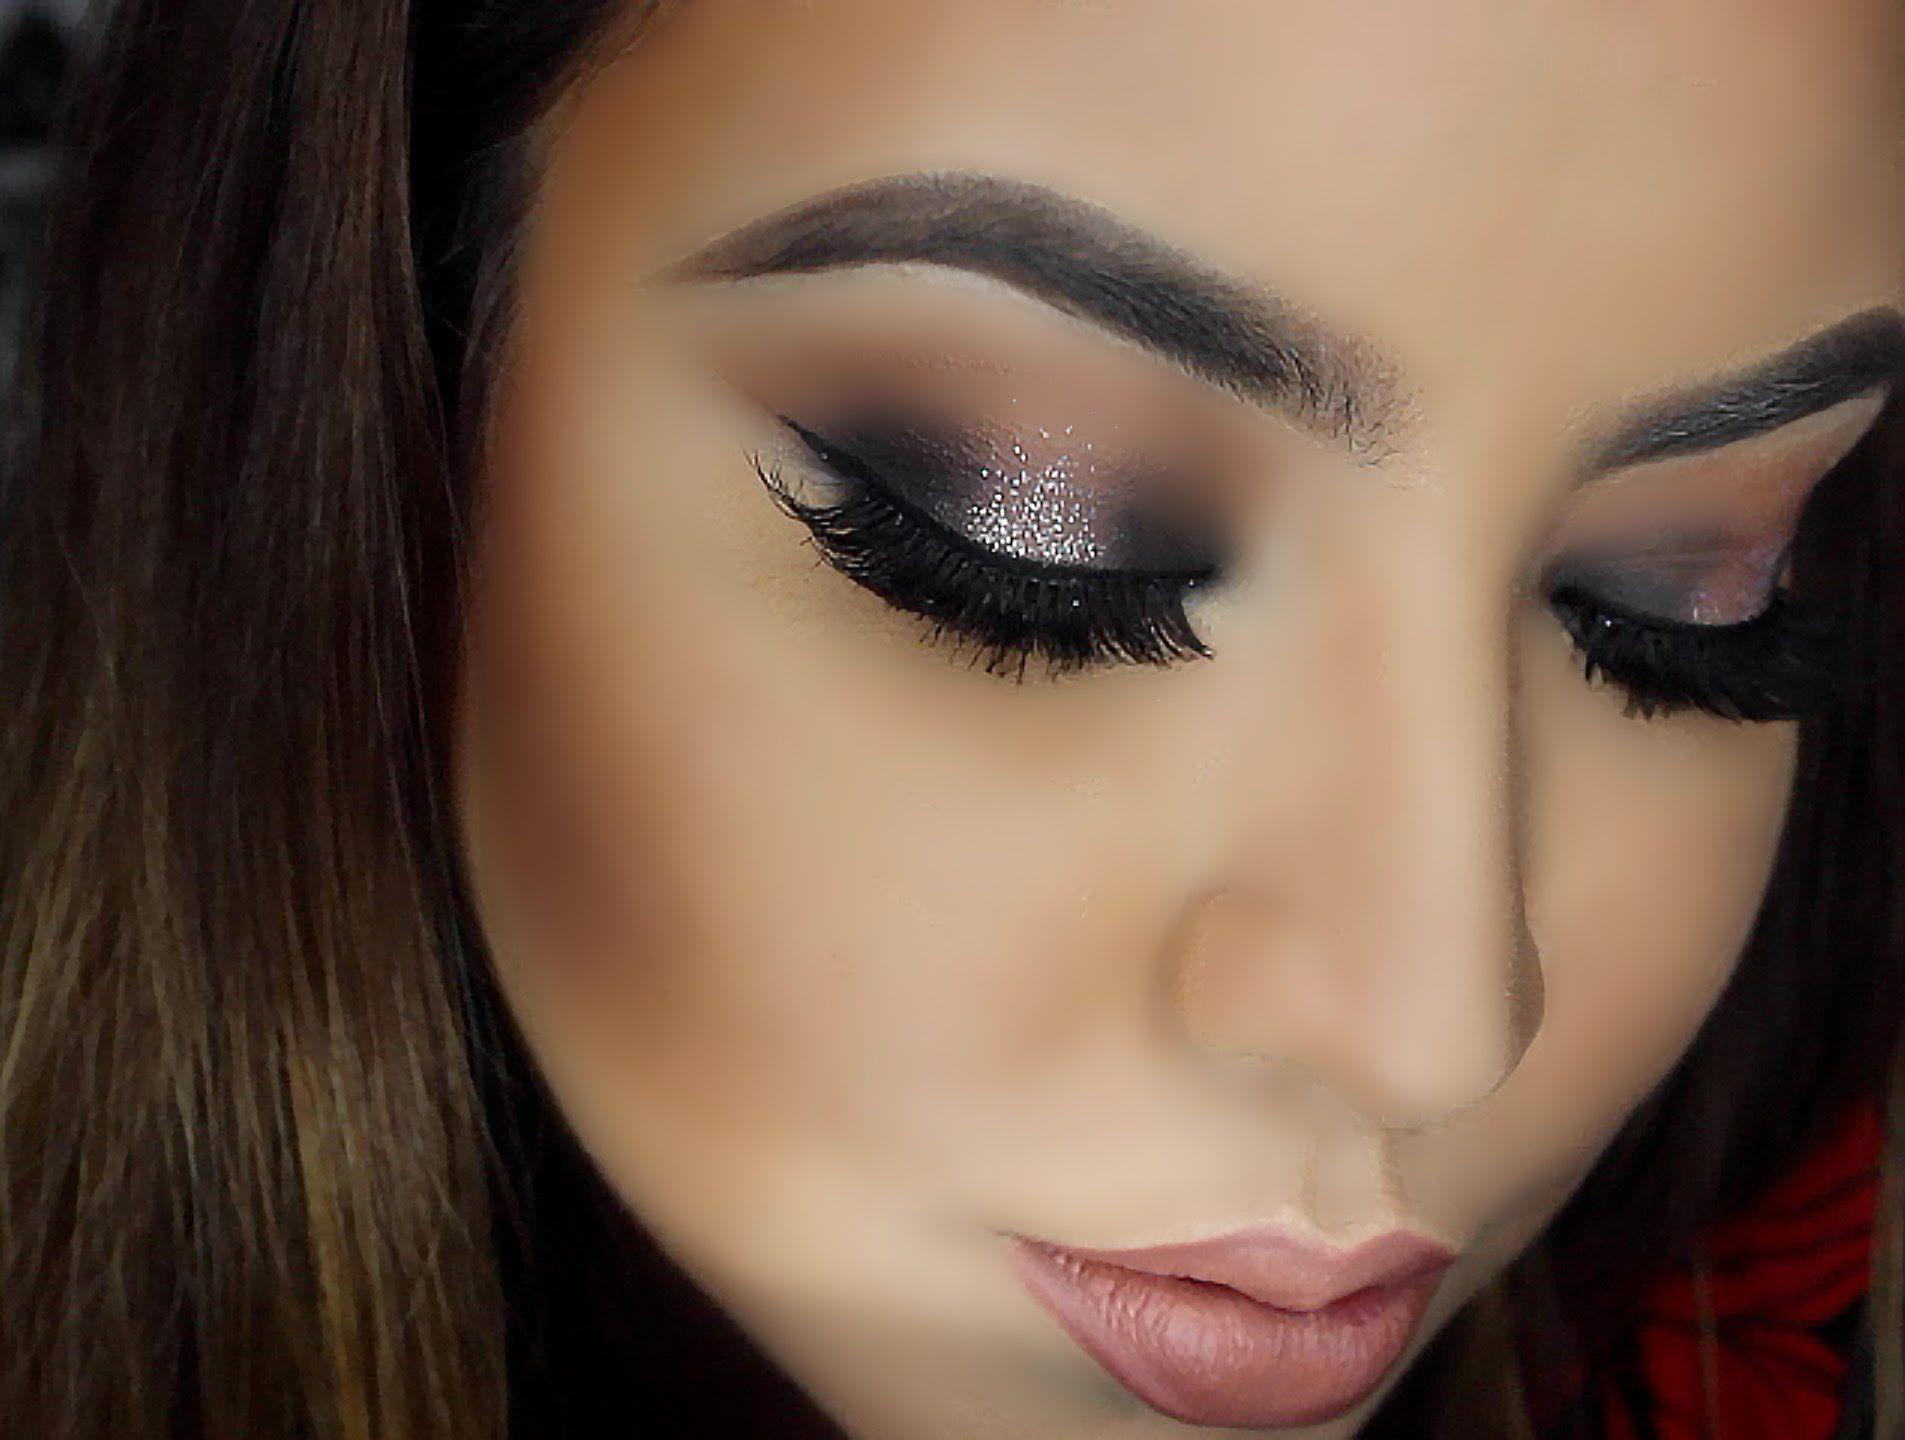 latina makeup tutorials - mugeek vidalondon | make my eyes over